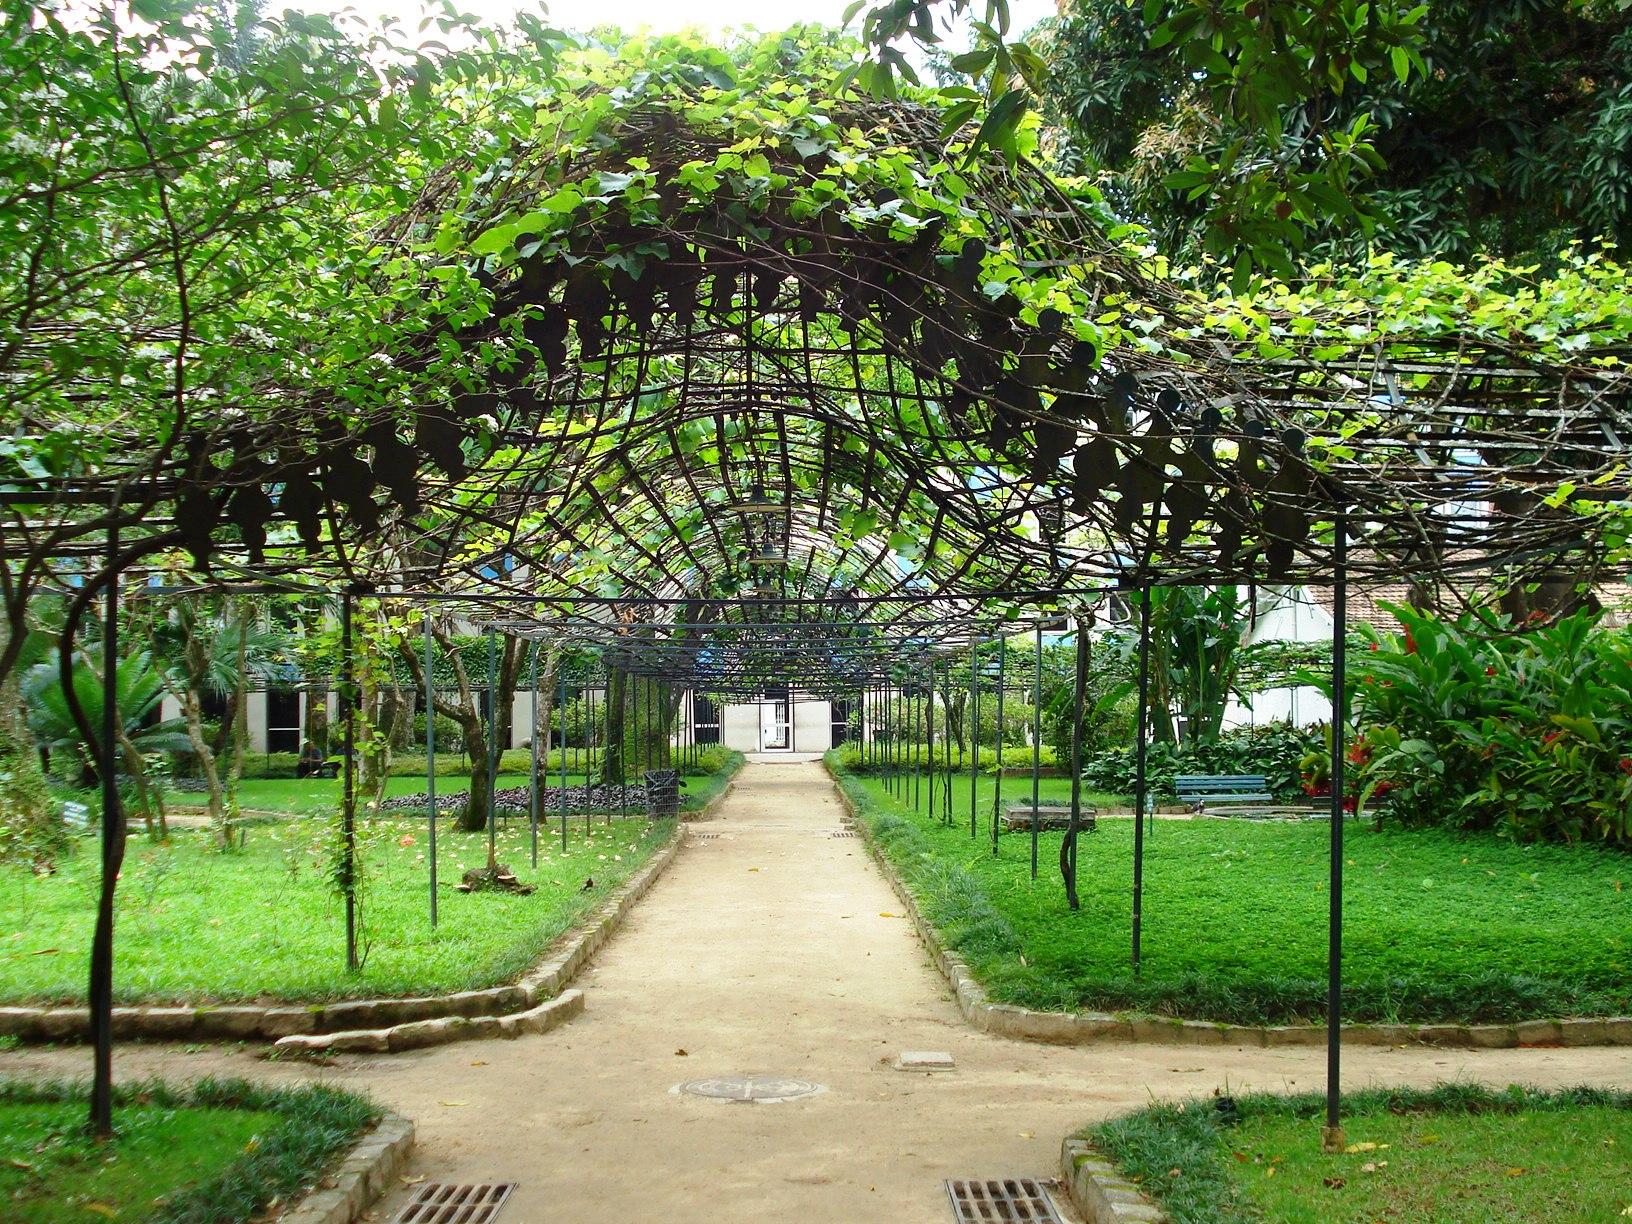 Fundação Casa de Rui Barbosa publica edital para Revitalização e Restauração do Jardim Histórico, Imagem Via Peregrinacultural´s